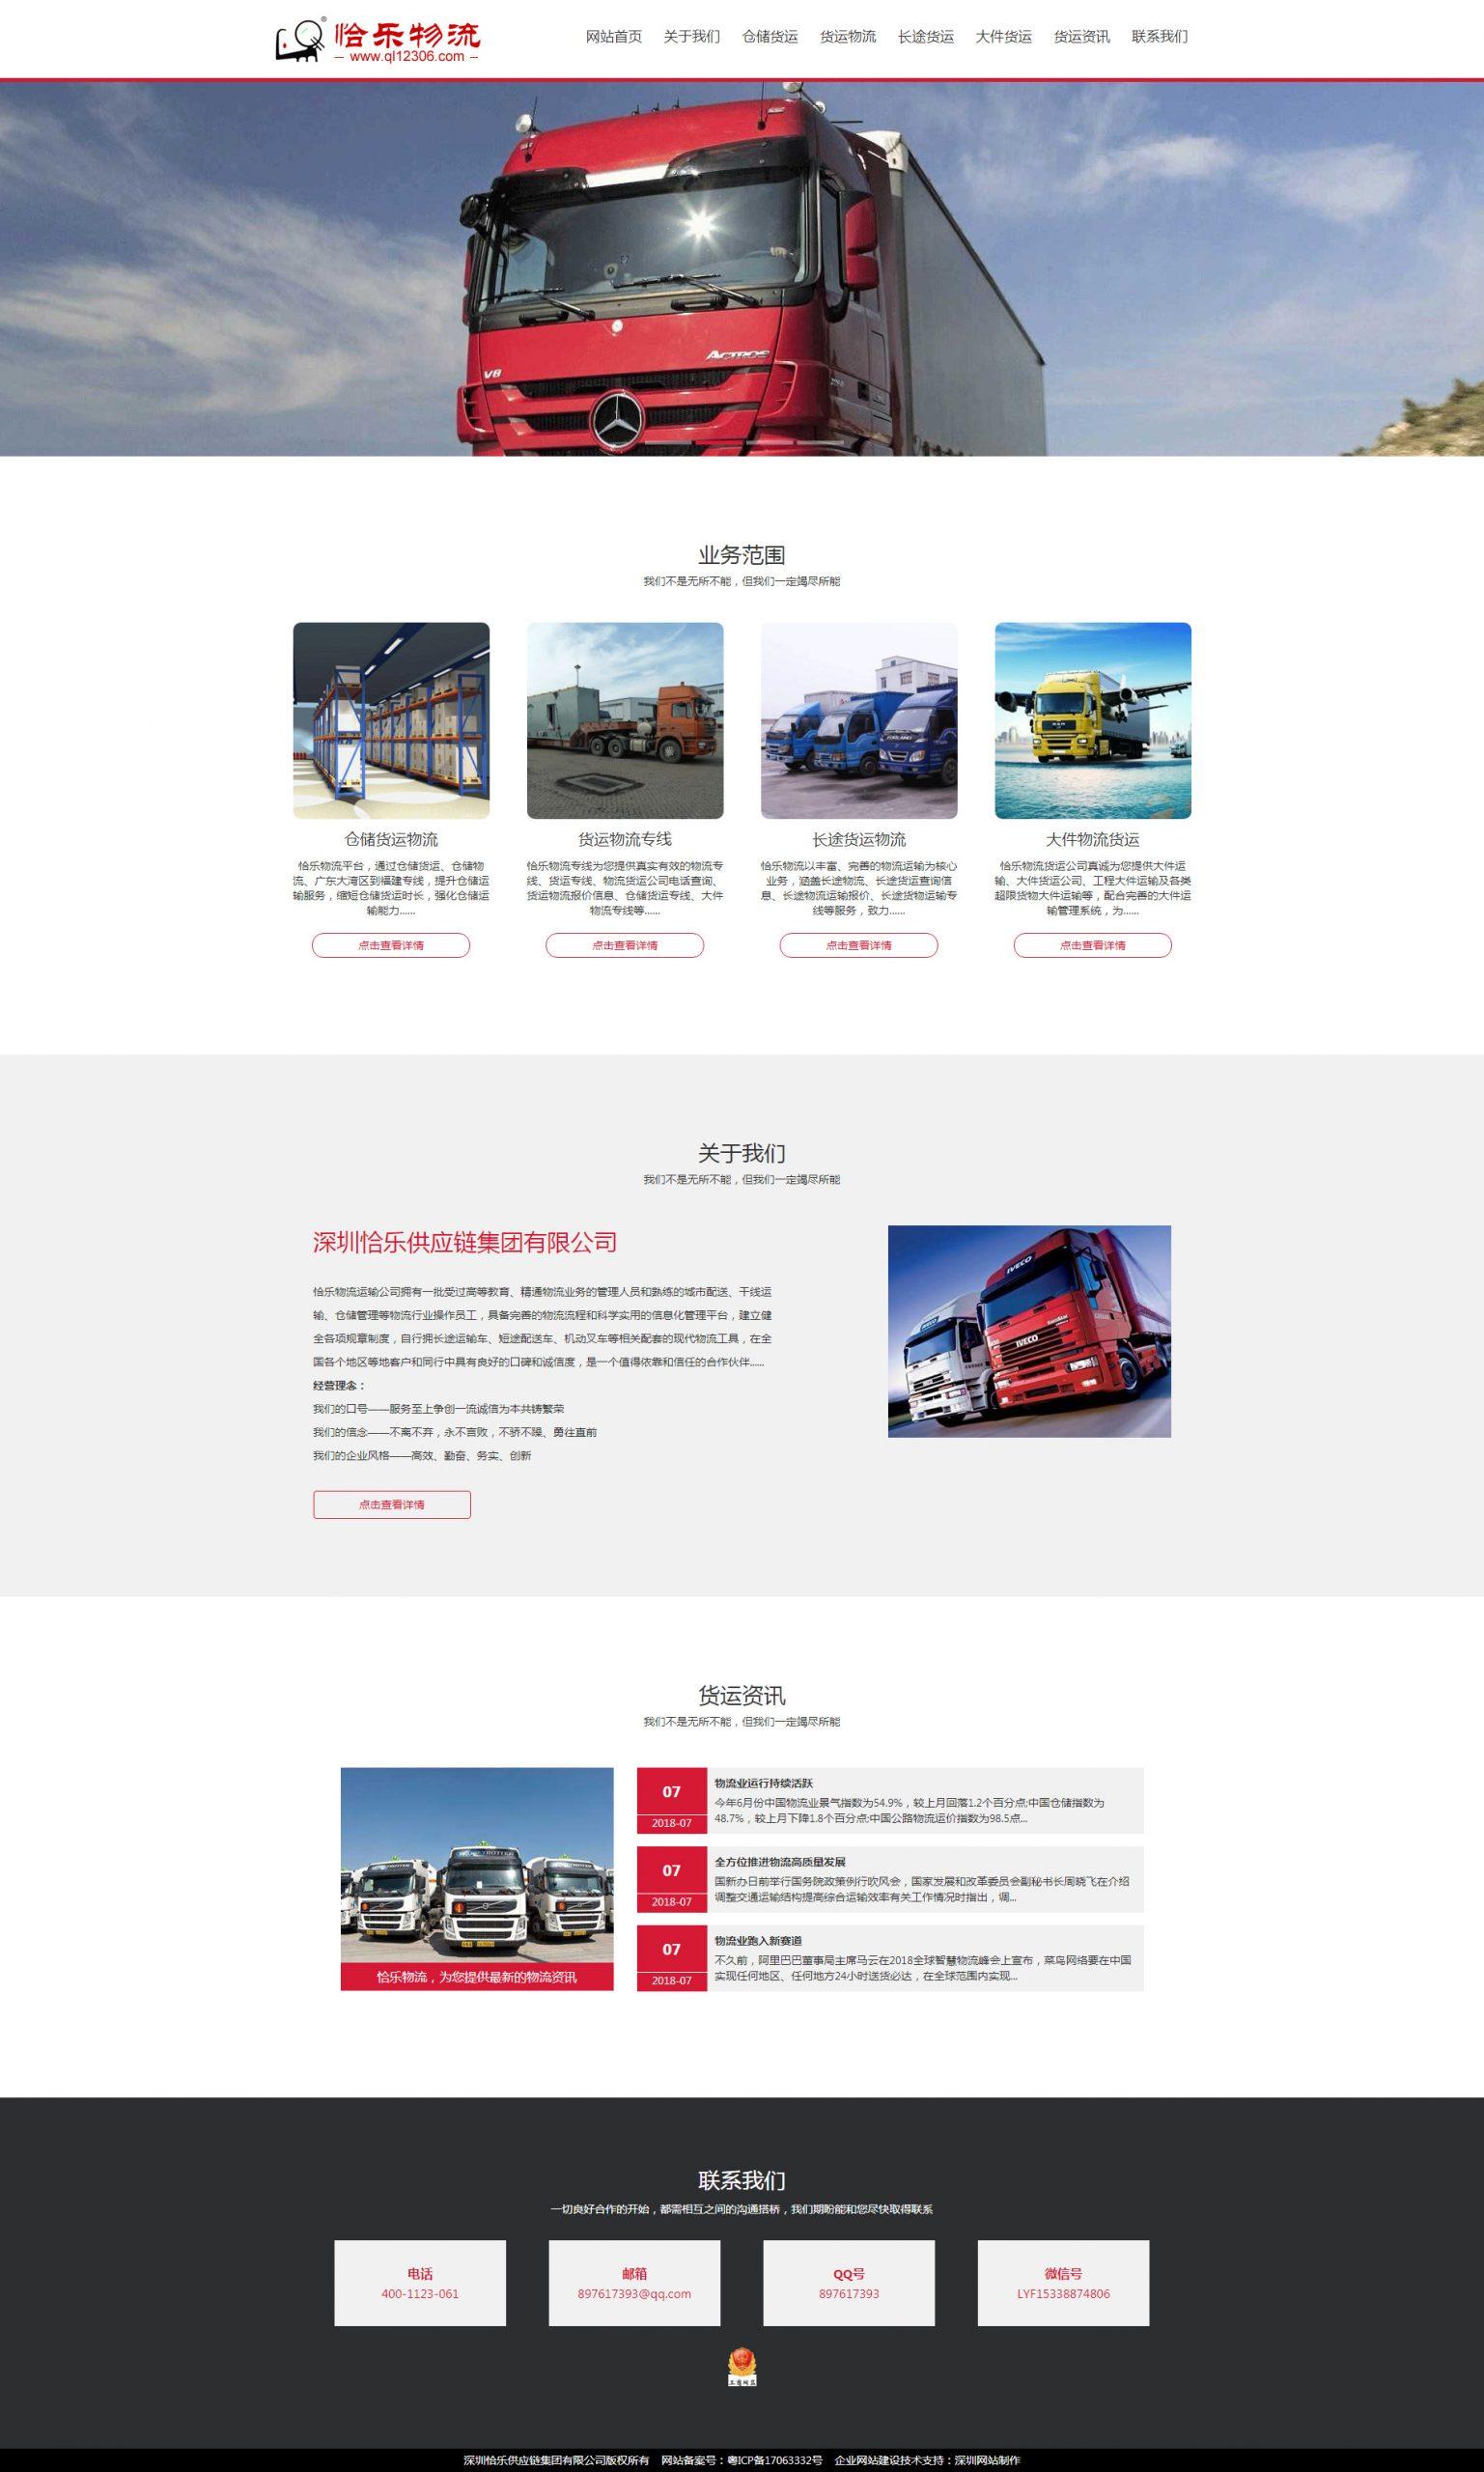 物流运输行业网站制作案例深圳恰乐物流运输公司